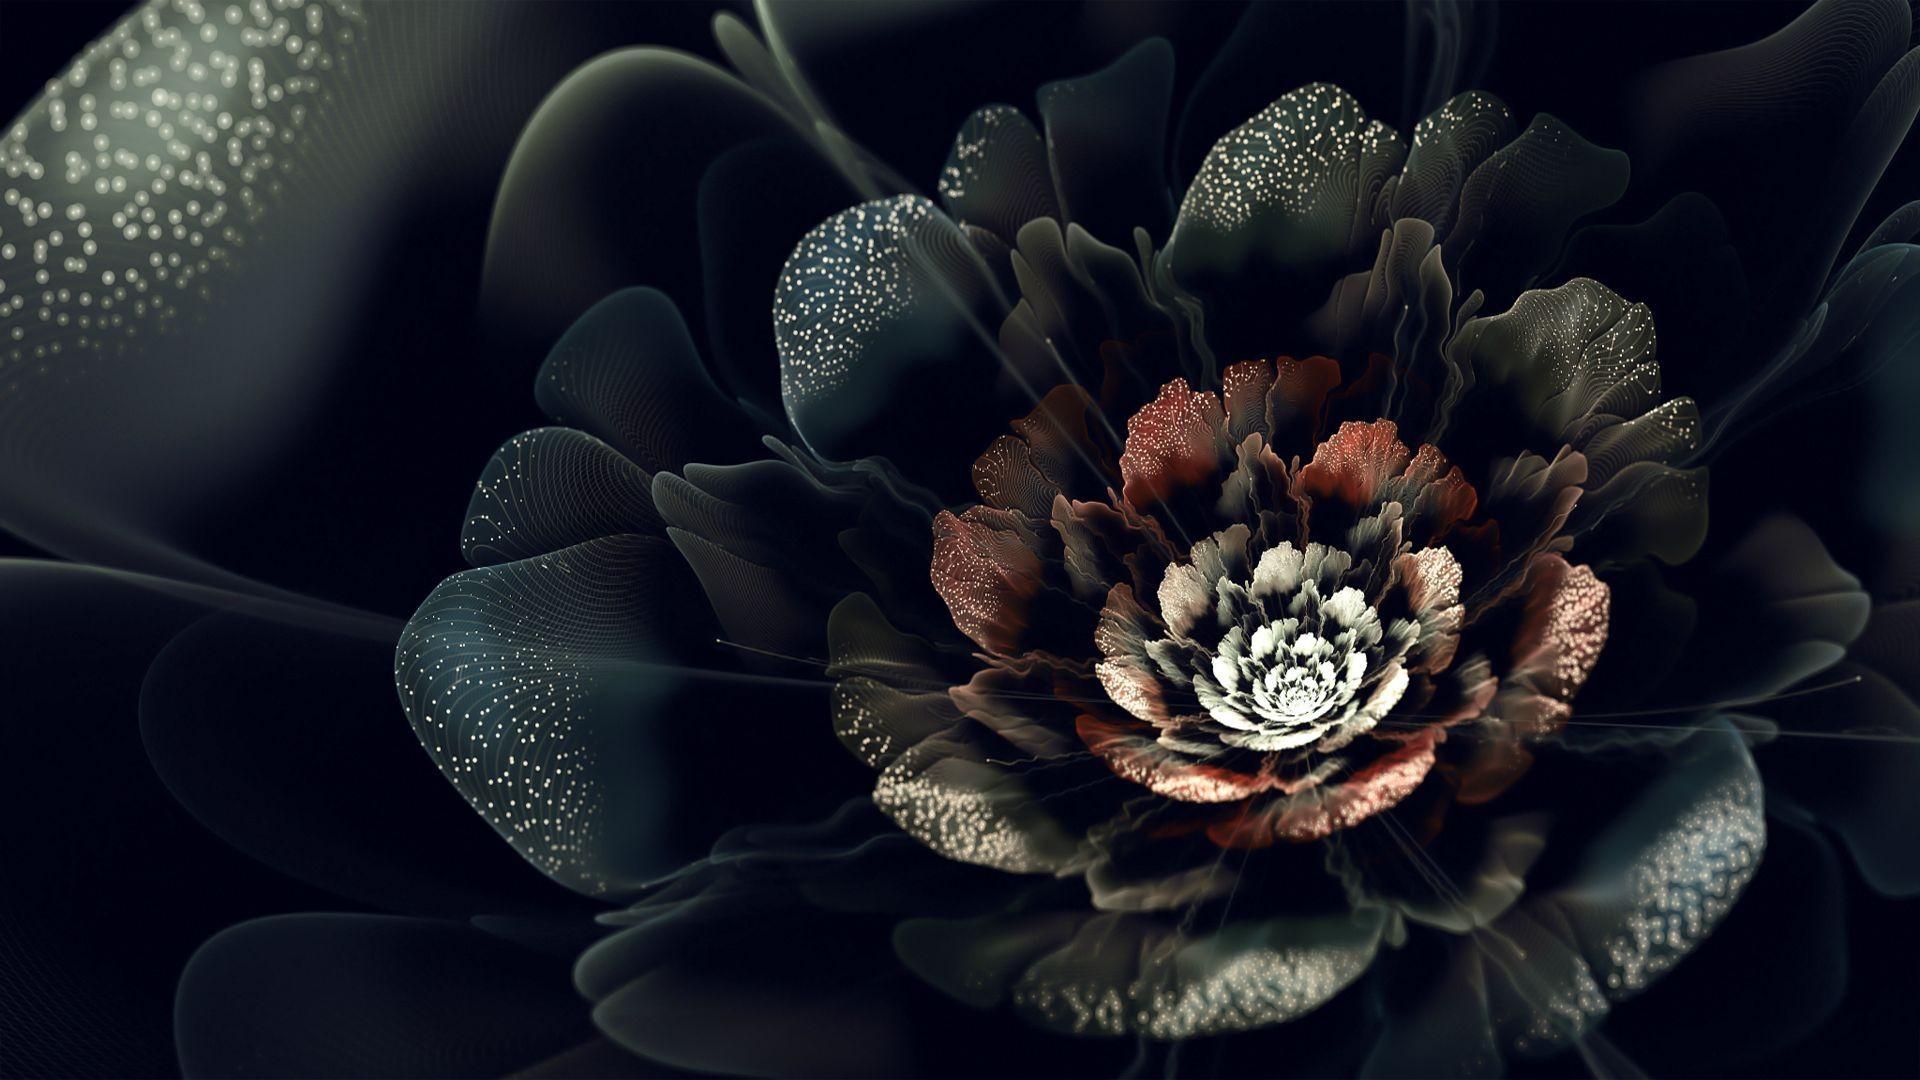 фото цветов на черном фоне высокого качества коем случае нельзя